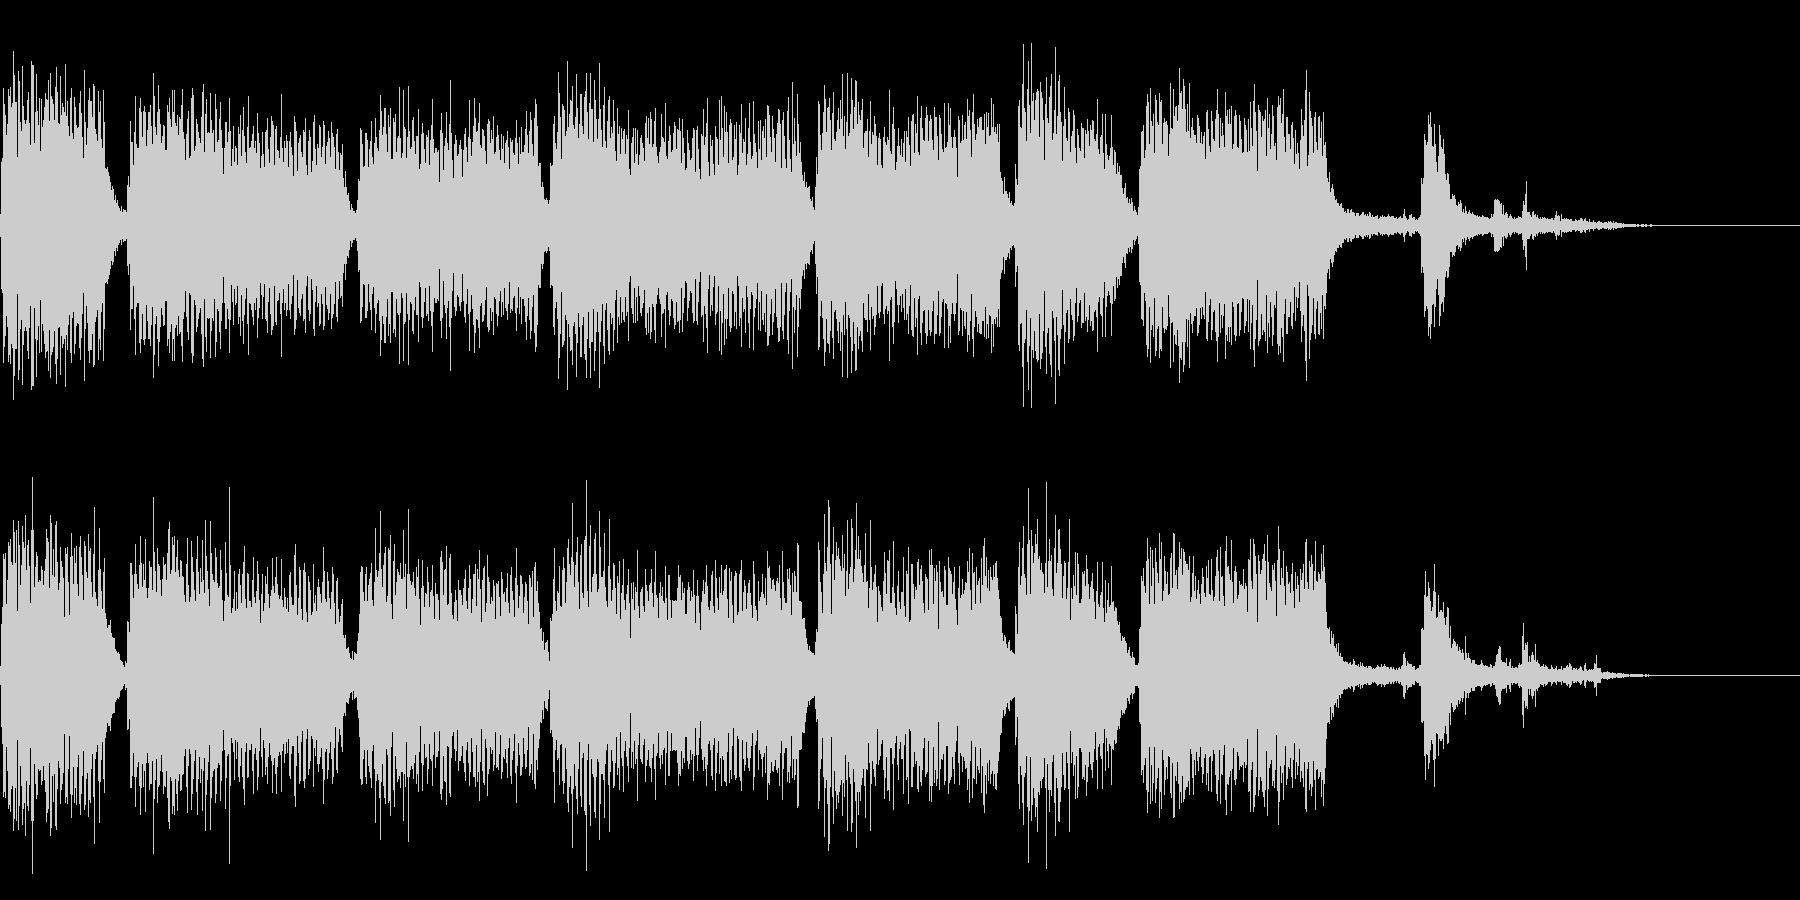 ドドドドドドドド(重機の音)の未再生の波形